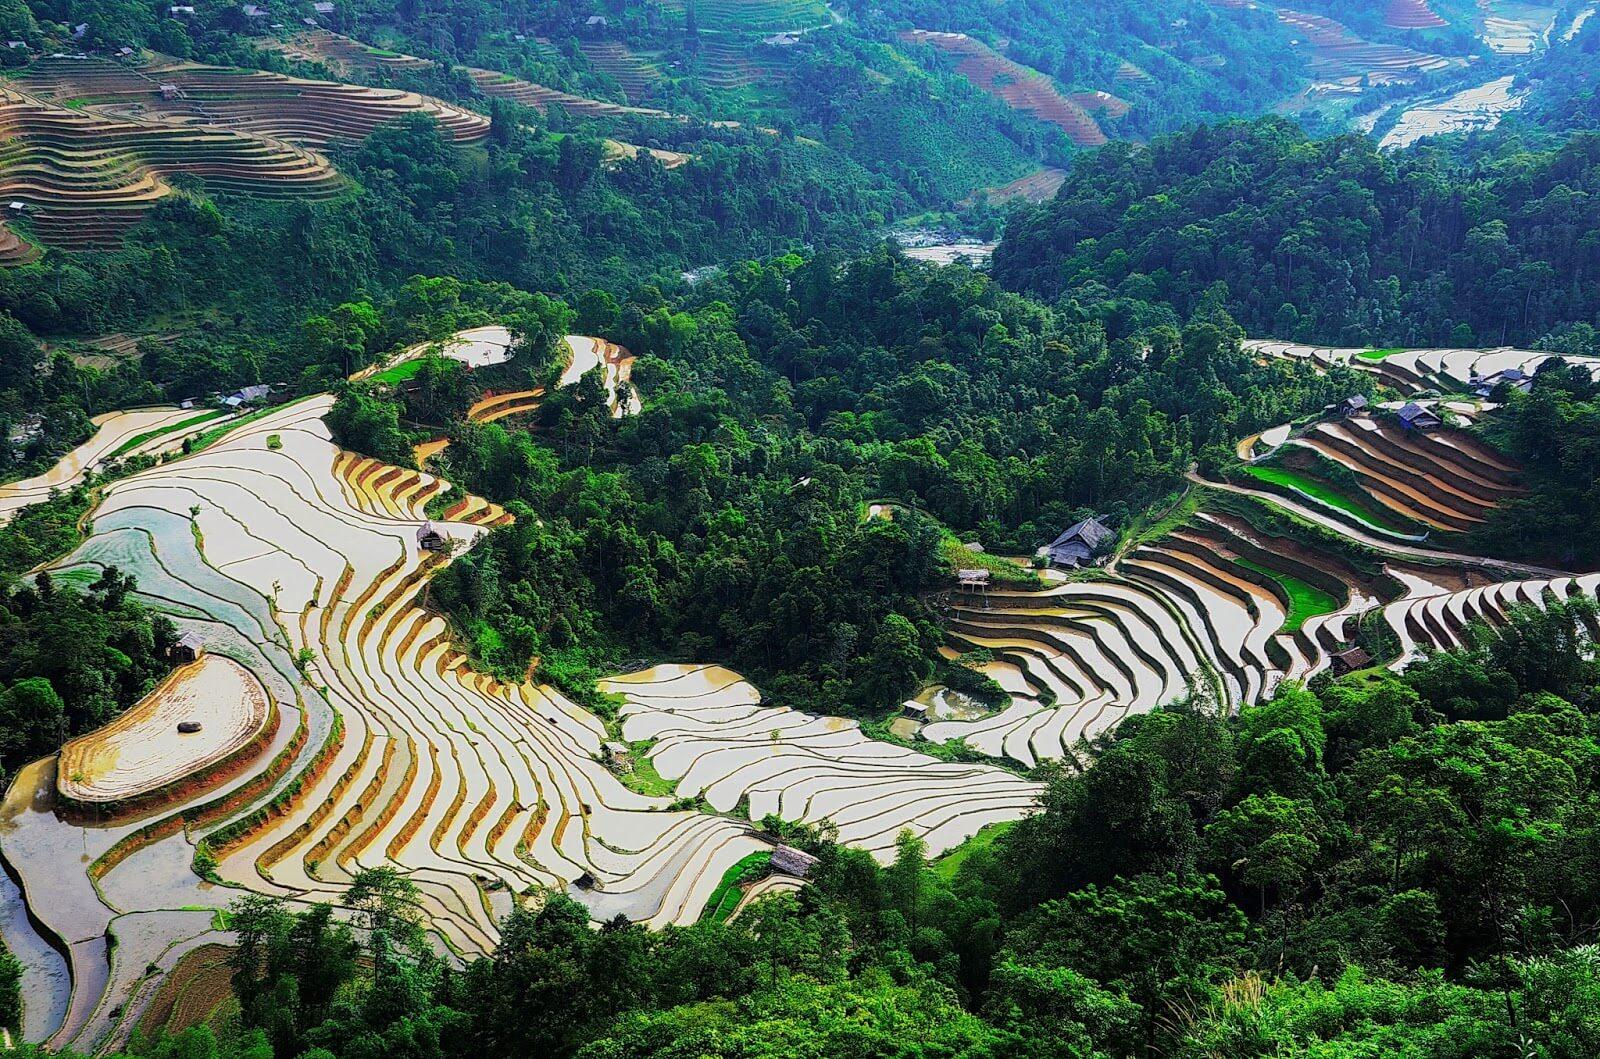 Trải nghiệm điểm du lịch Hà Giang - Ruộng bậc thang mua nước đổ Hoàng Su Phì